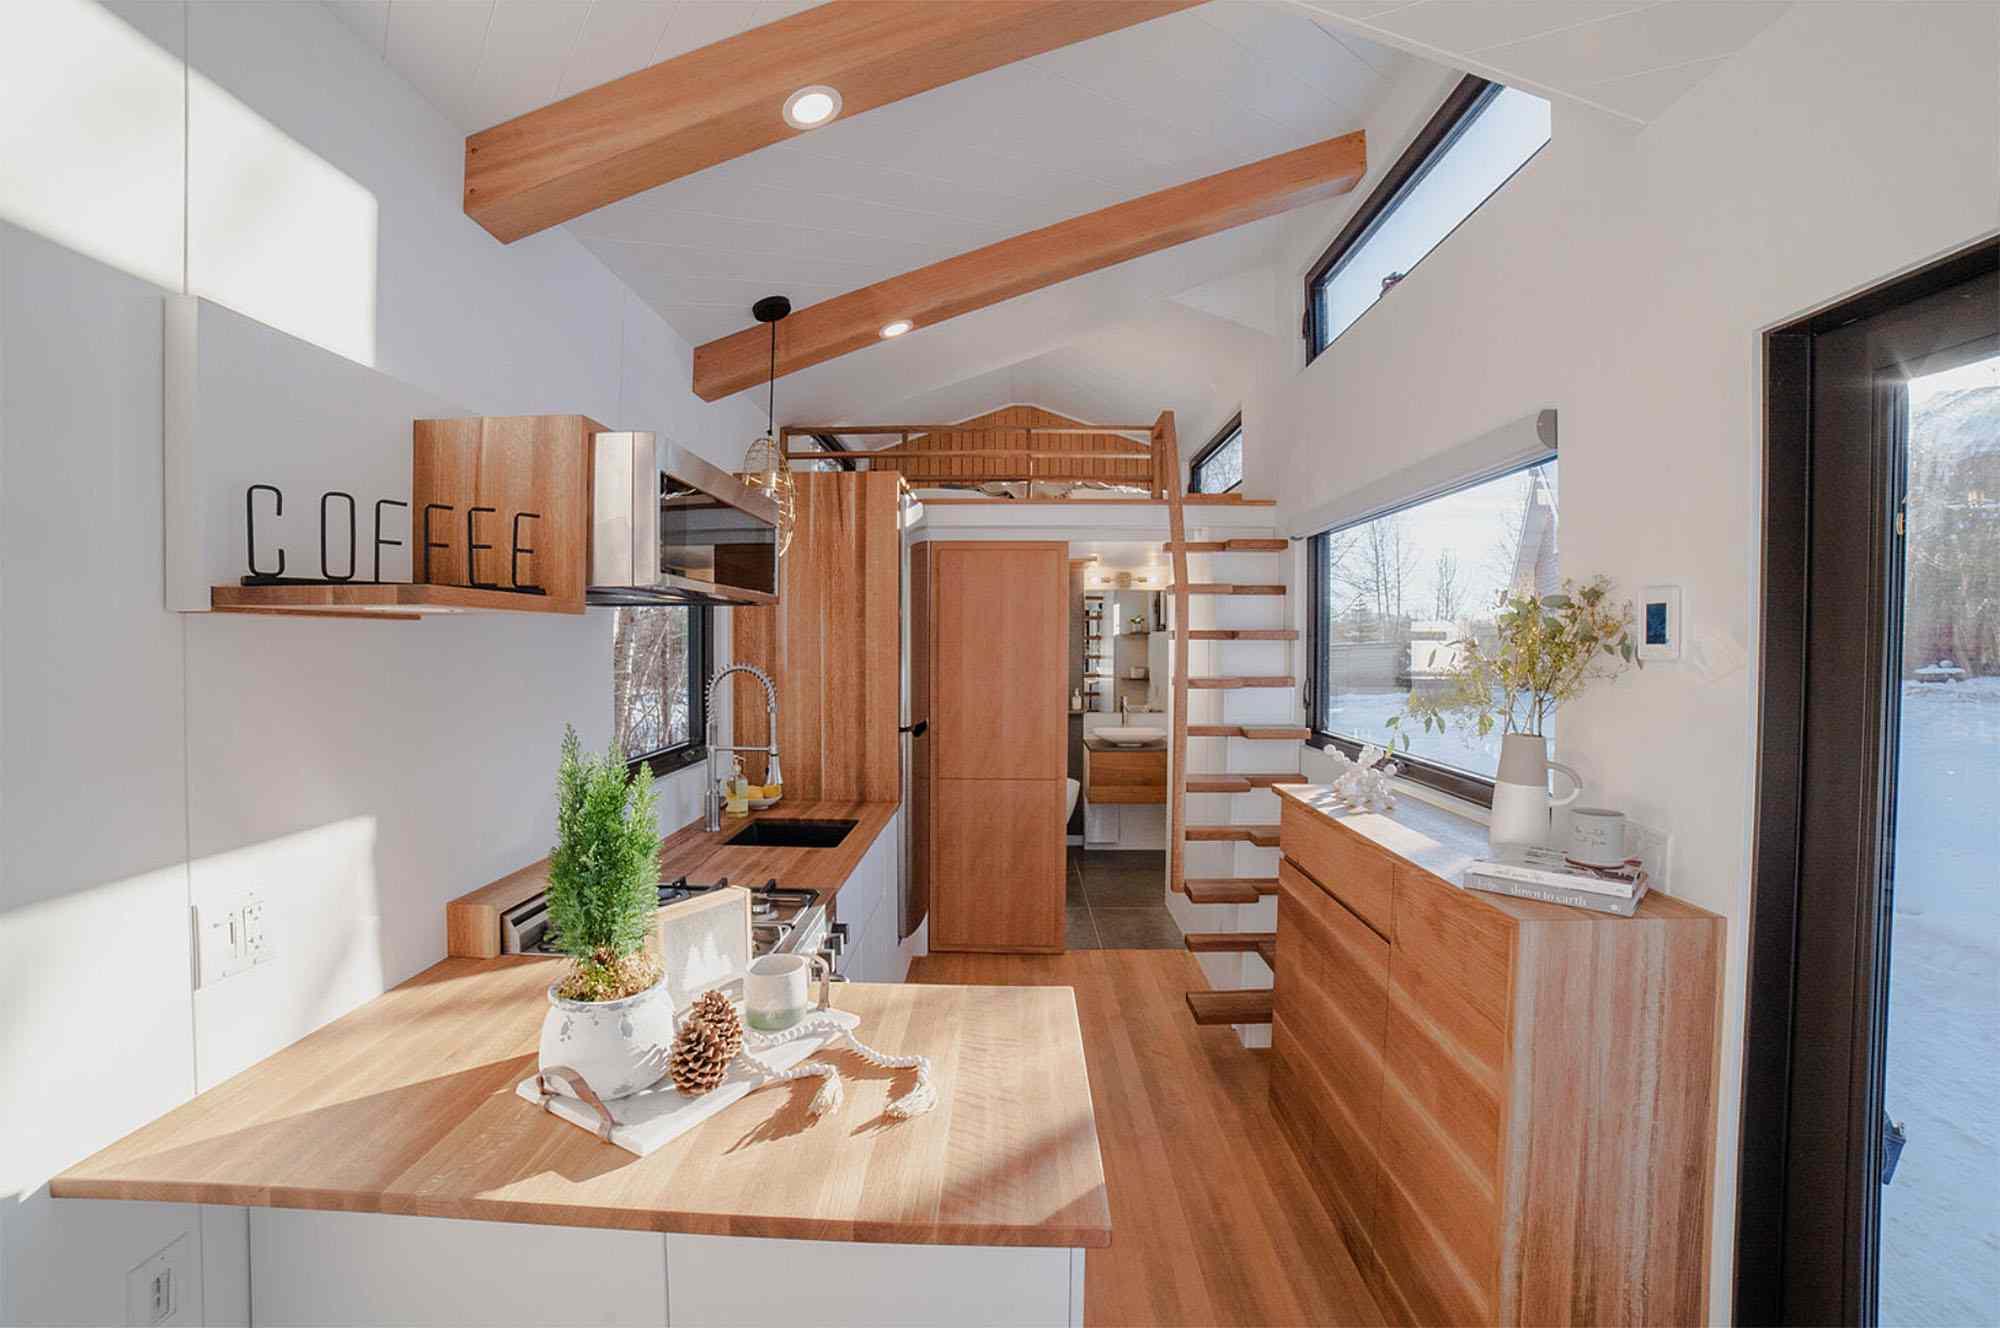 Fritz Tiny Homes interior